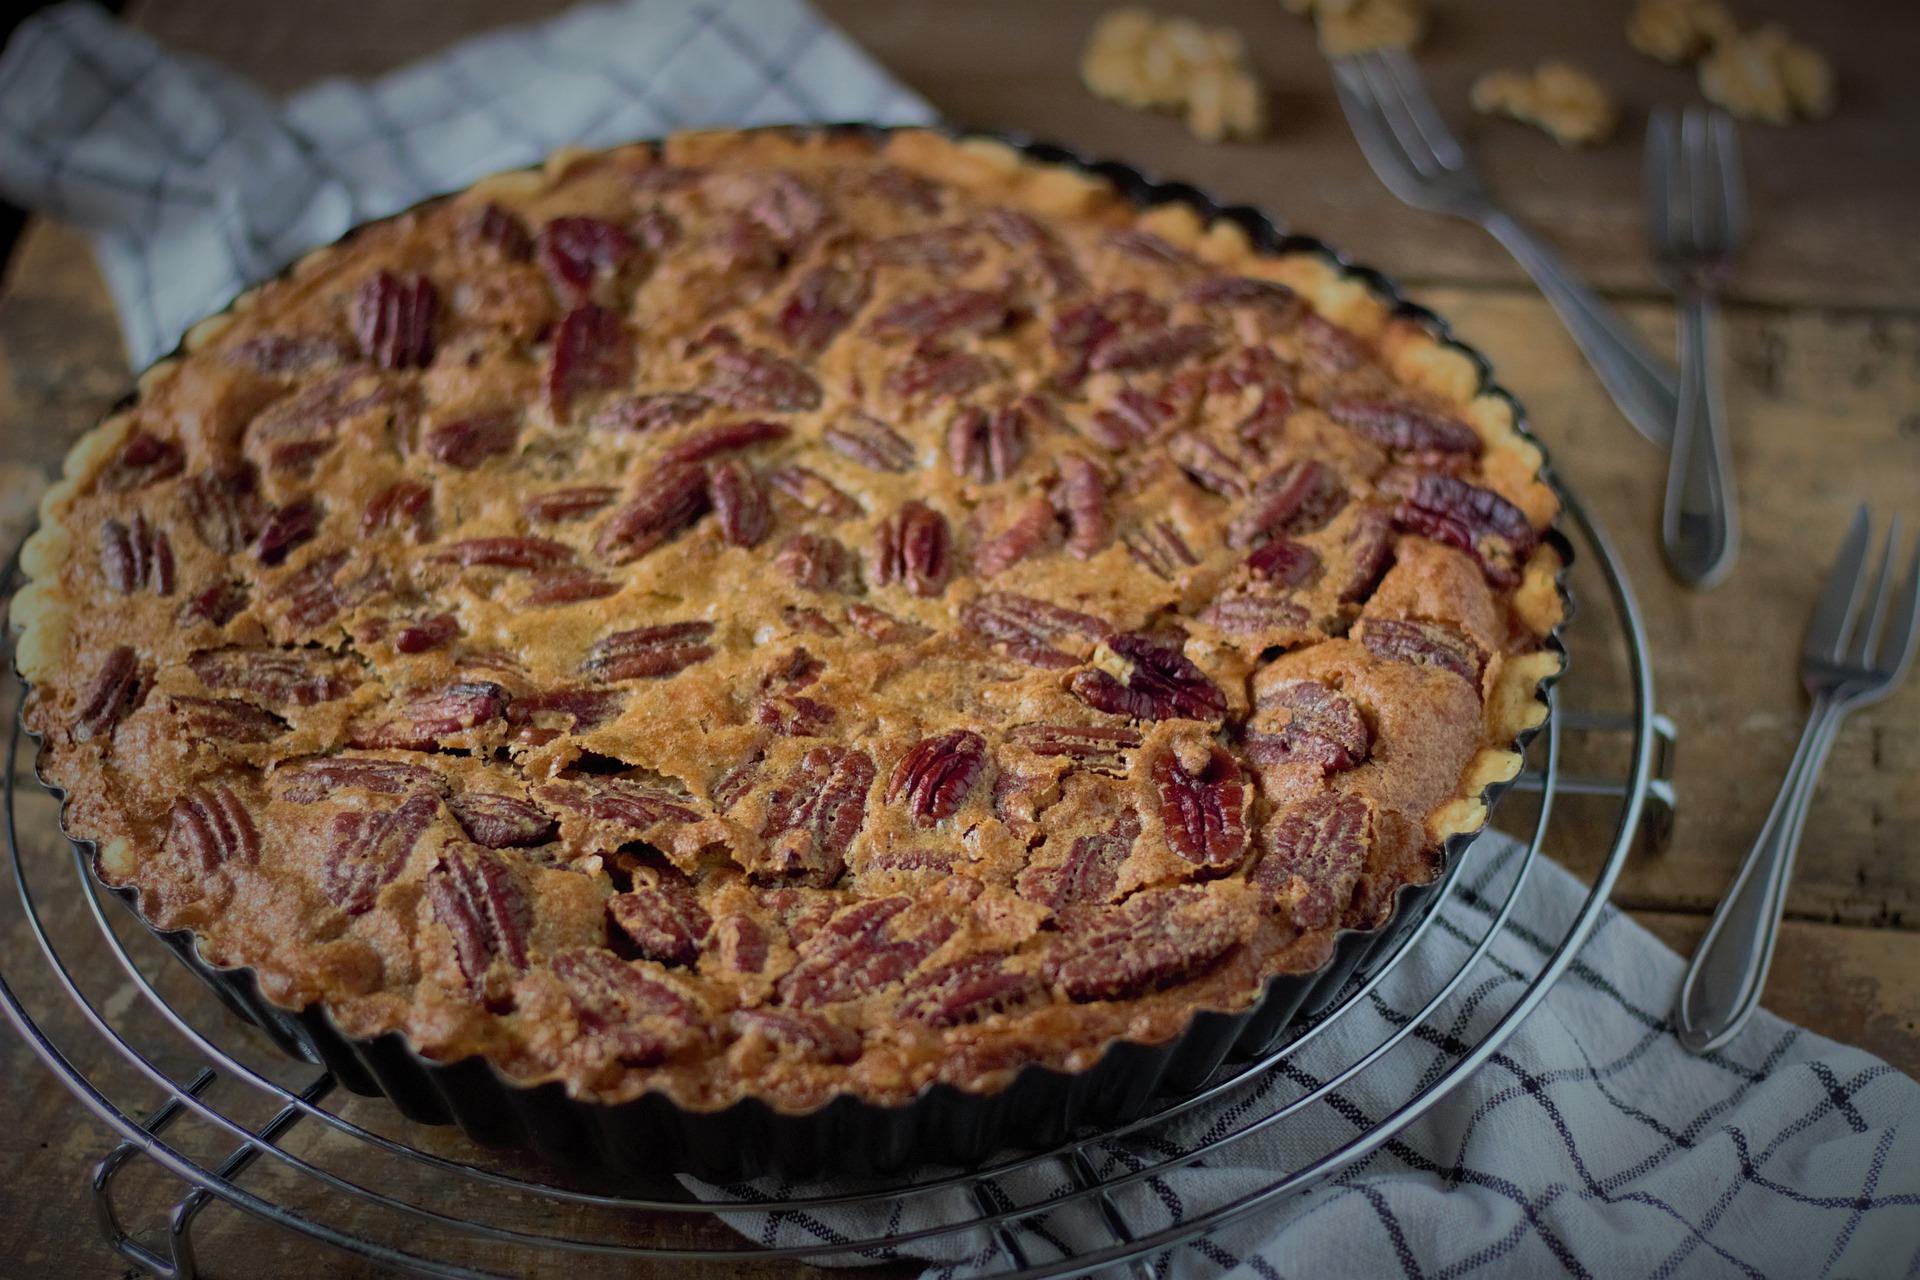 La tarta de nueces es una de las opciones más sanas en repostería